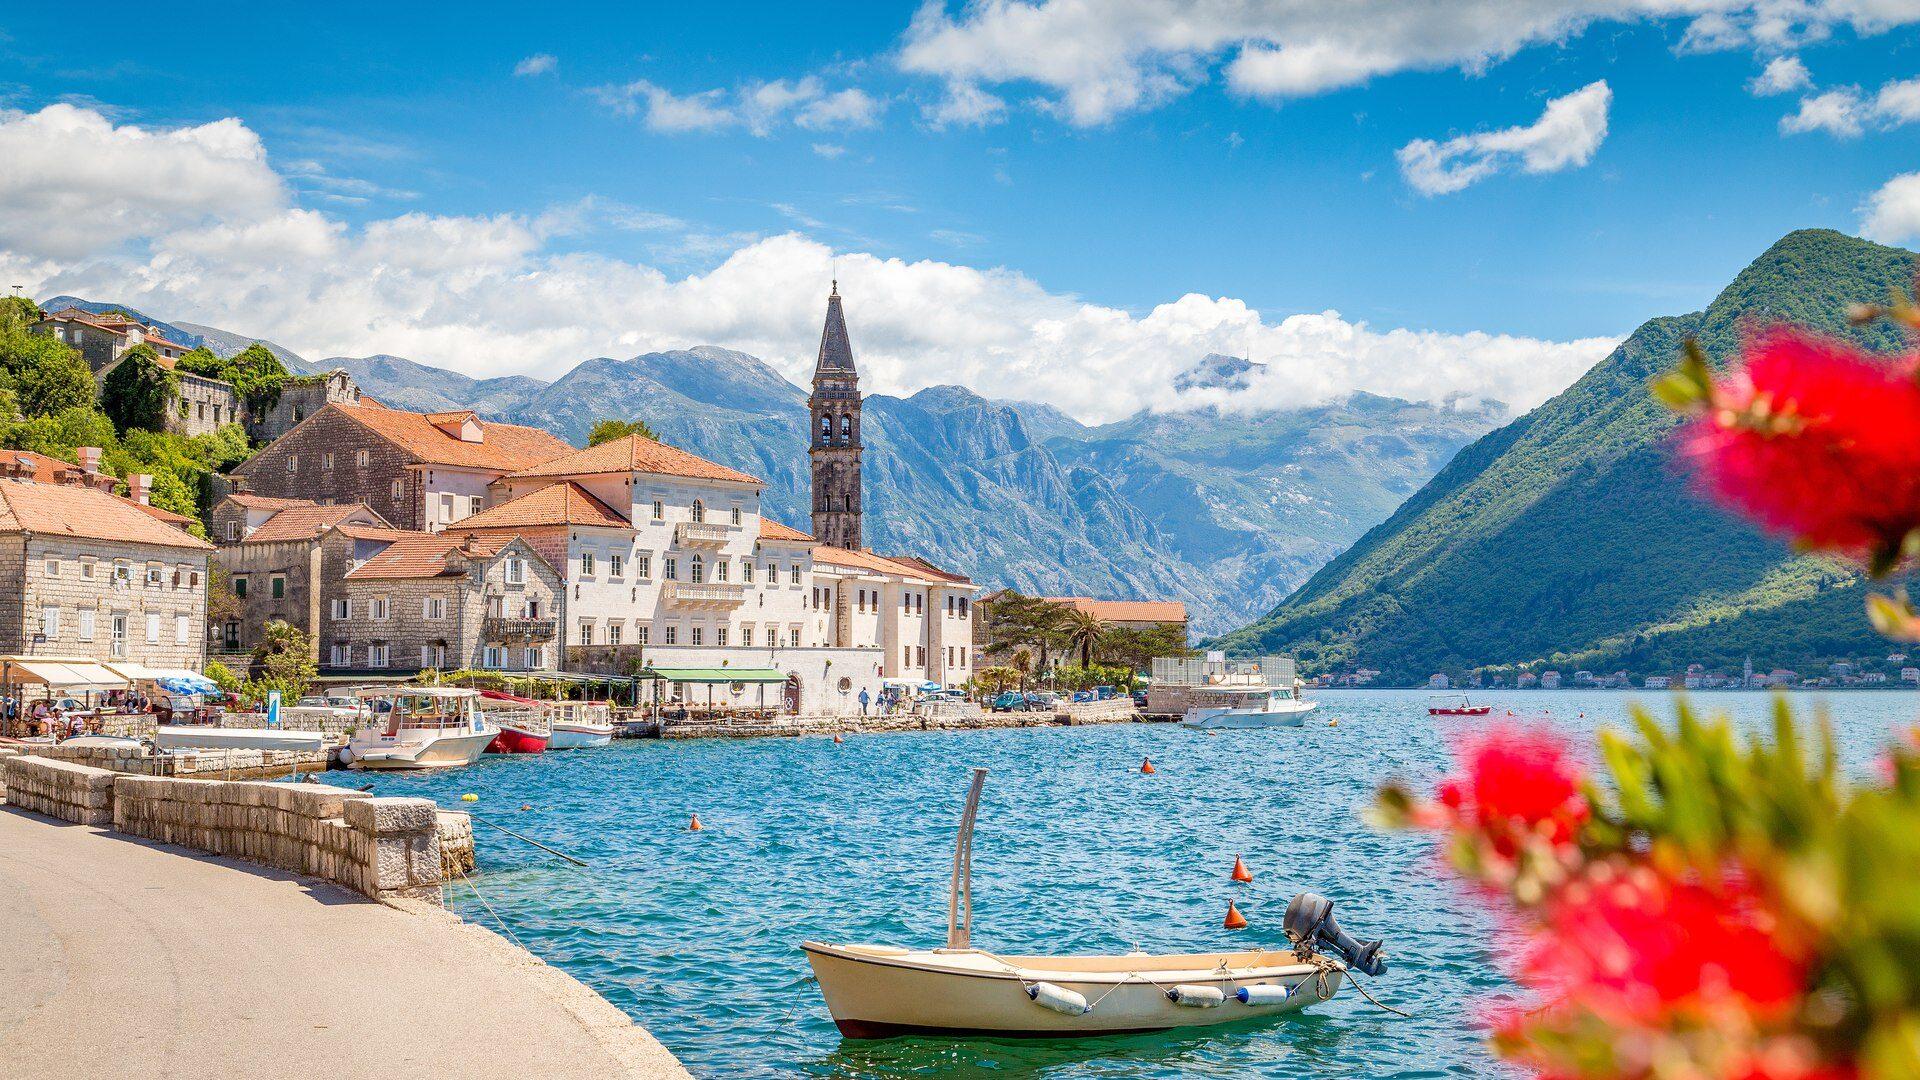 Turismo de luxo representa US$1,54 trilhões para o mercado global